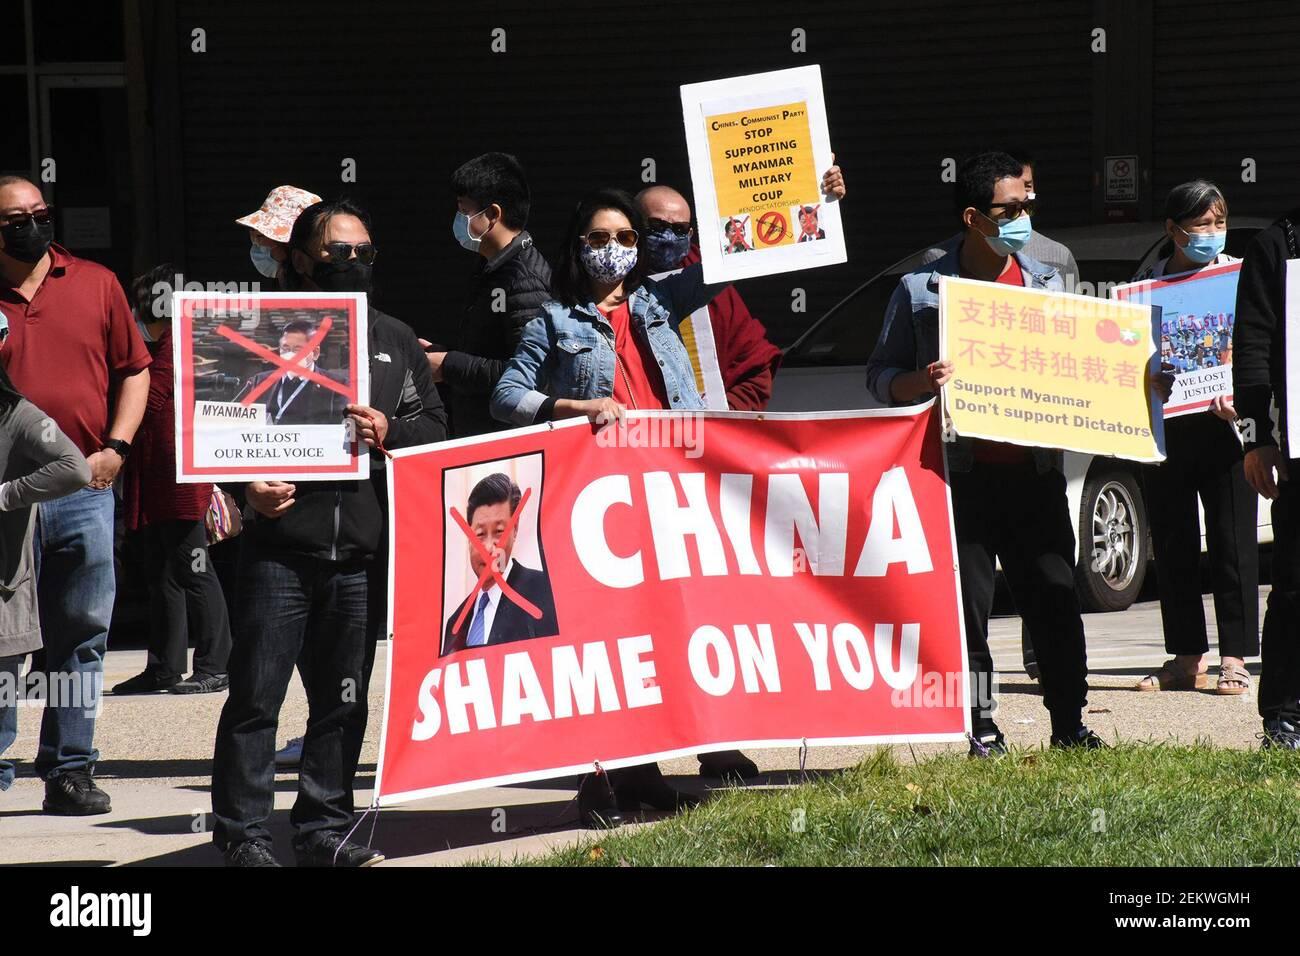 20 février 2021 : manifestation pour mettre fin à la tuerie en Birmanie et pour faire honte au gouvernement chinois et russe d'avoir soutenu le coup d'Etat du Myanmar. Emplacement à Los Angeles par l'ambassade chinoise. (Image crédit : © Catherine BauknightZUMA Wire) Banque D'Images